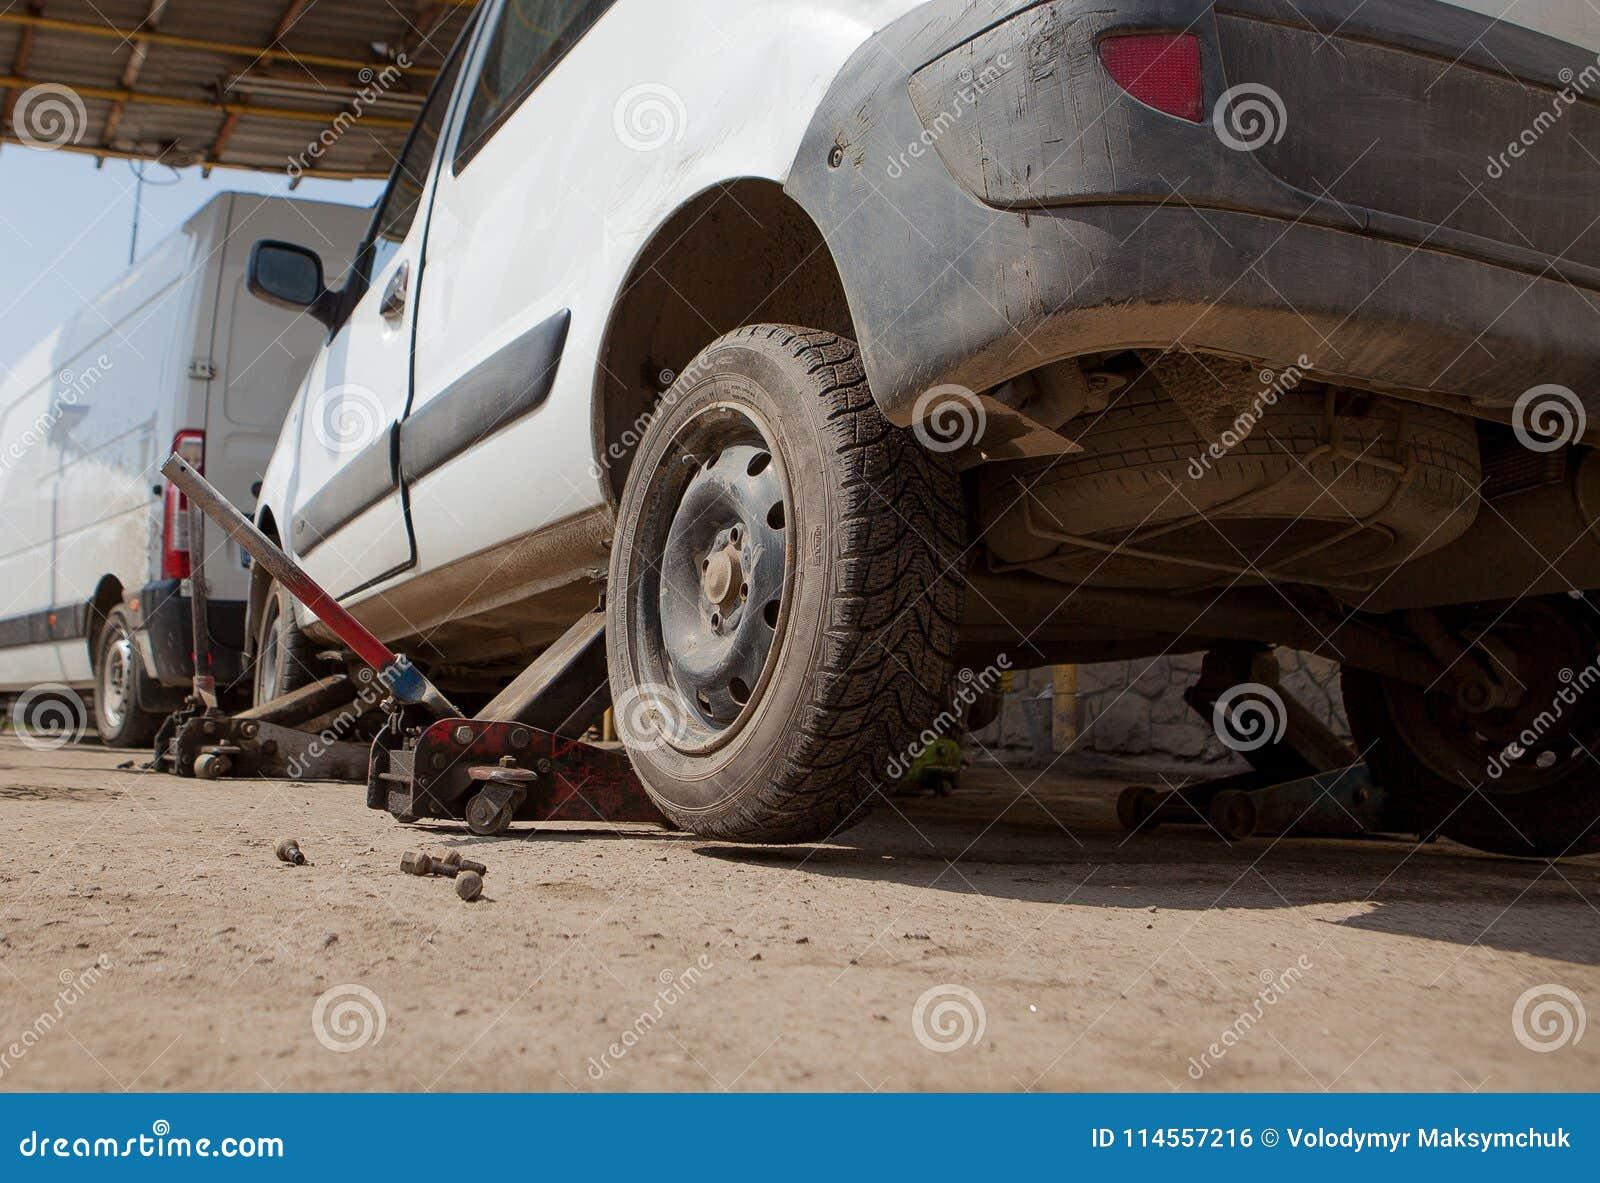 在车库固定的汽车,水力地板用千斤顶压出或拔出器拔出汽车,没有轮胎的轮子